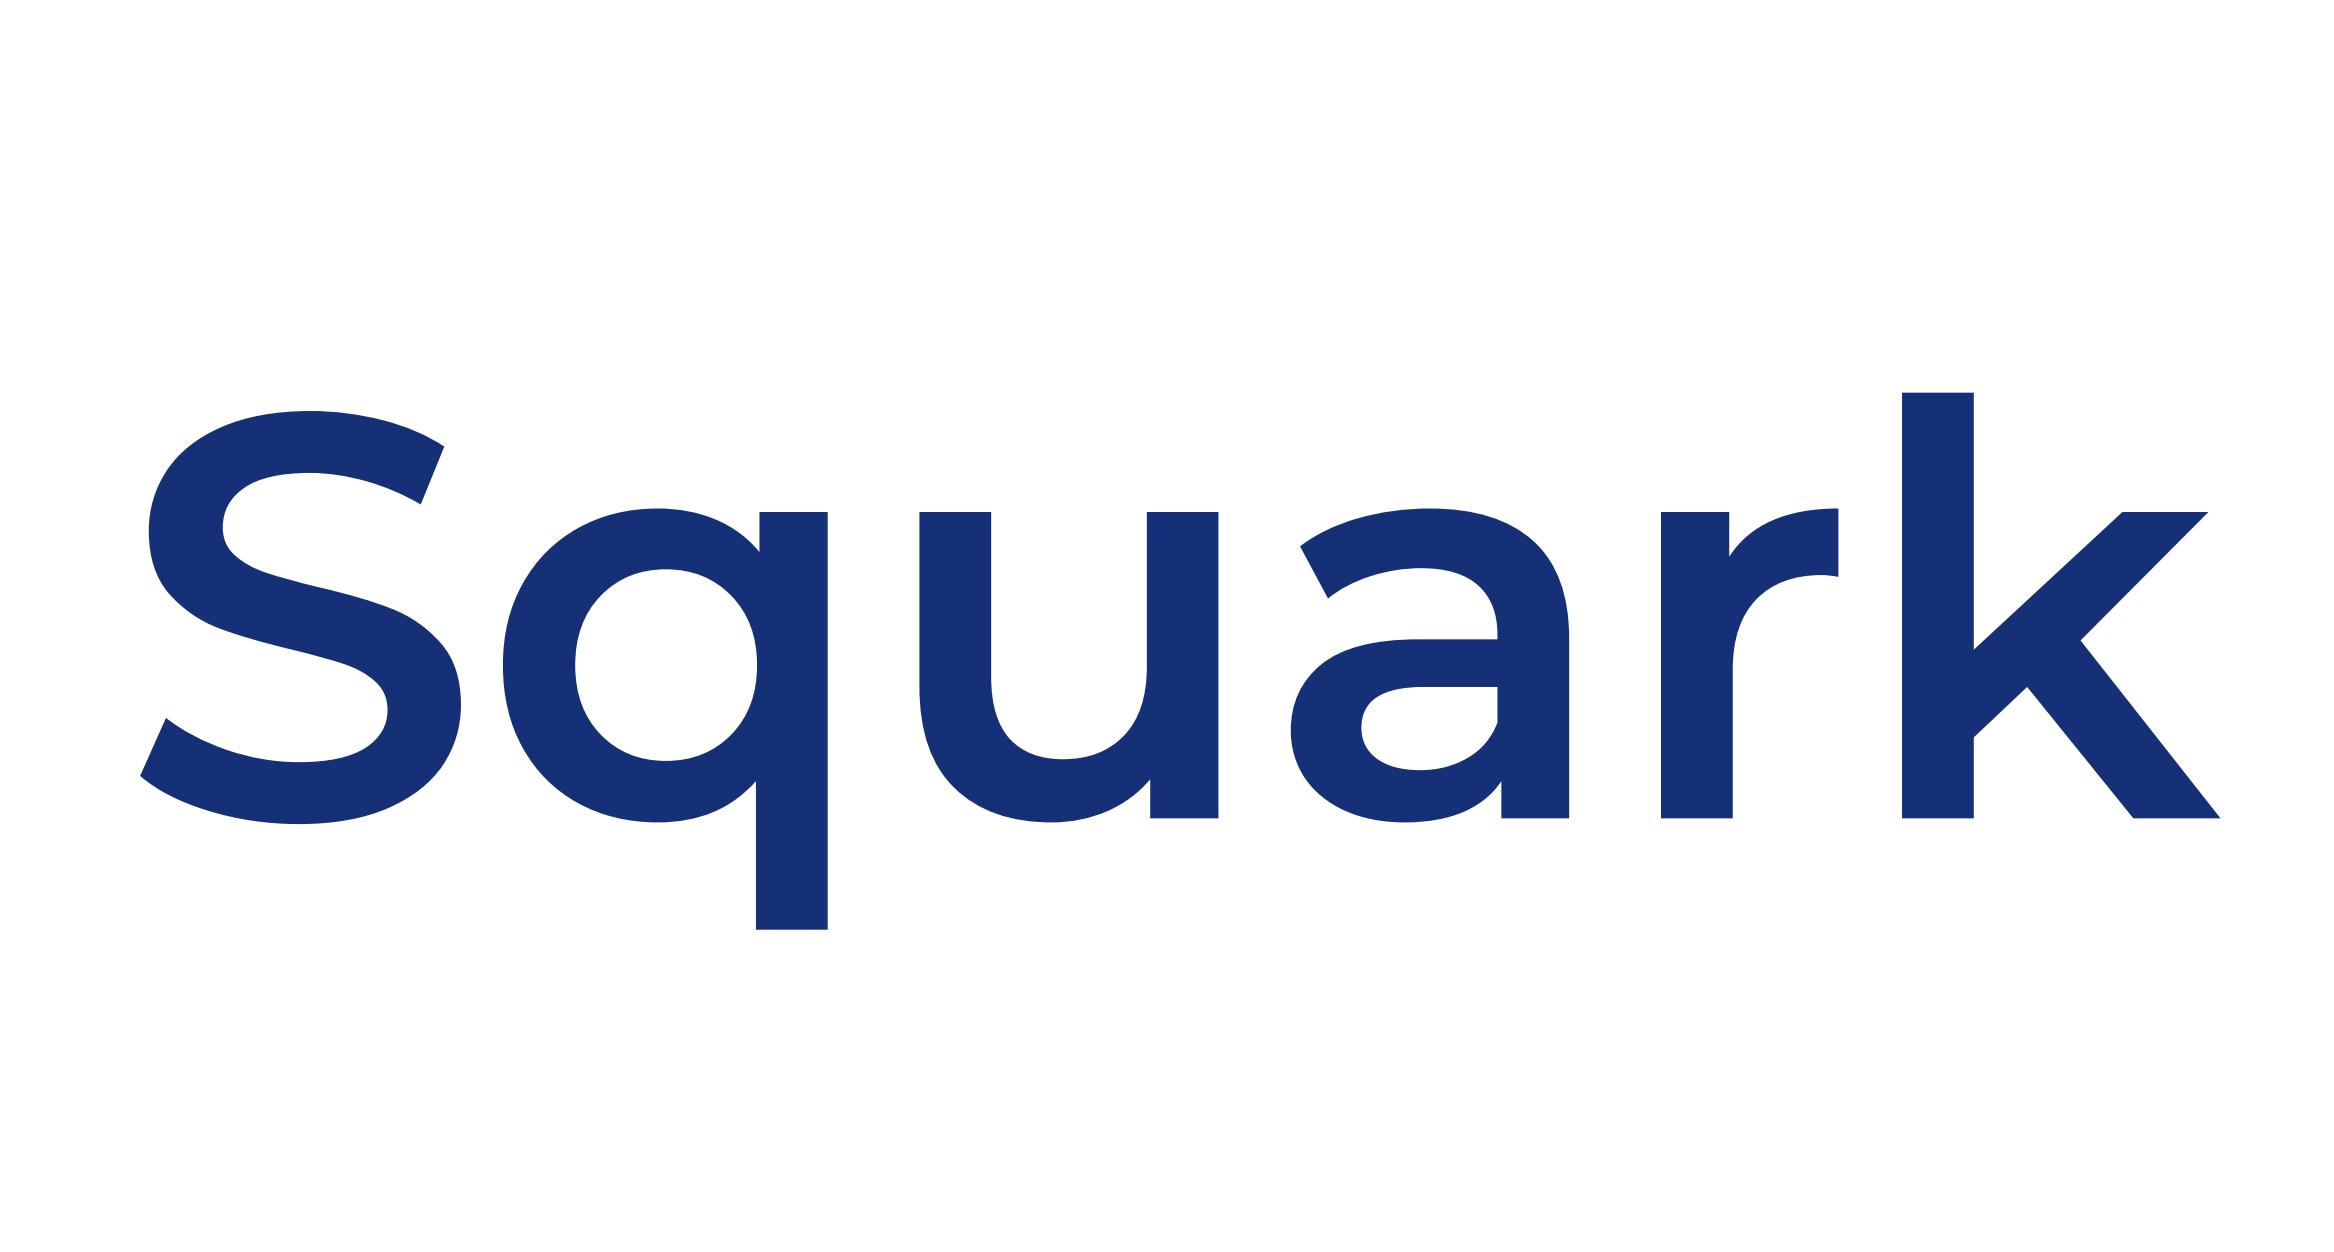 Exemple d'utilisations du logo autorisé Squark